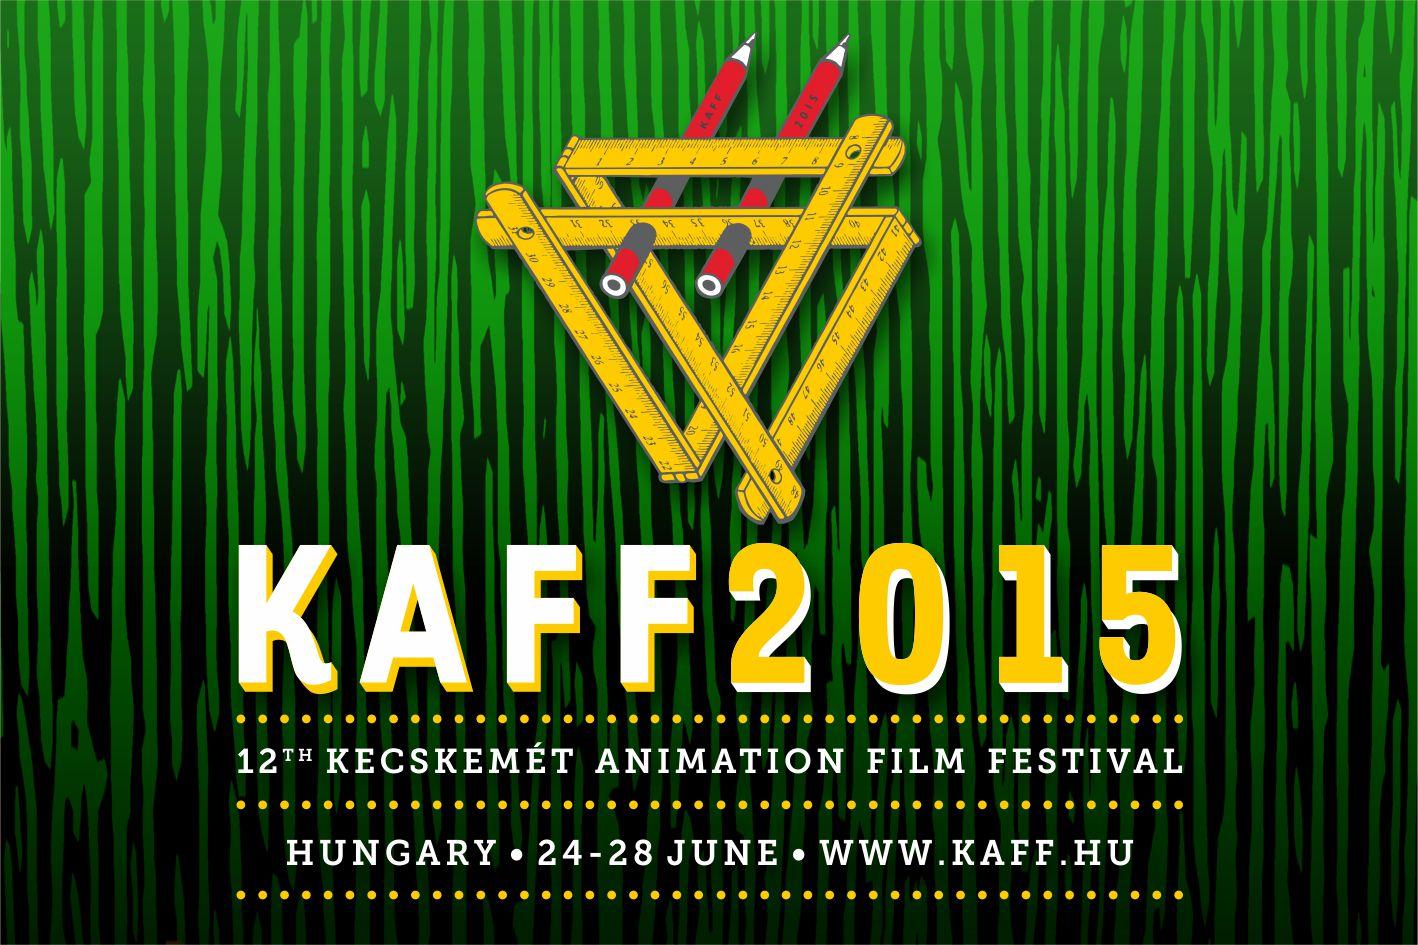 kaff2015banner_1.jpg